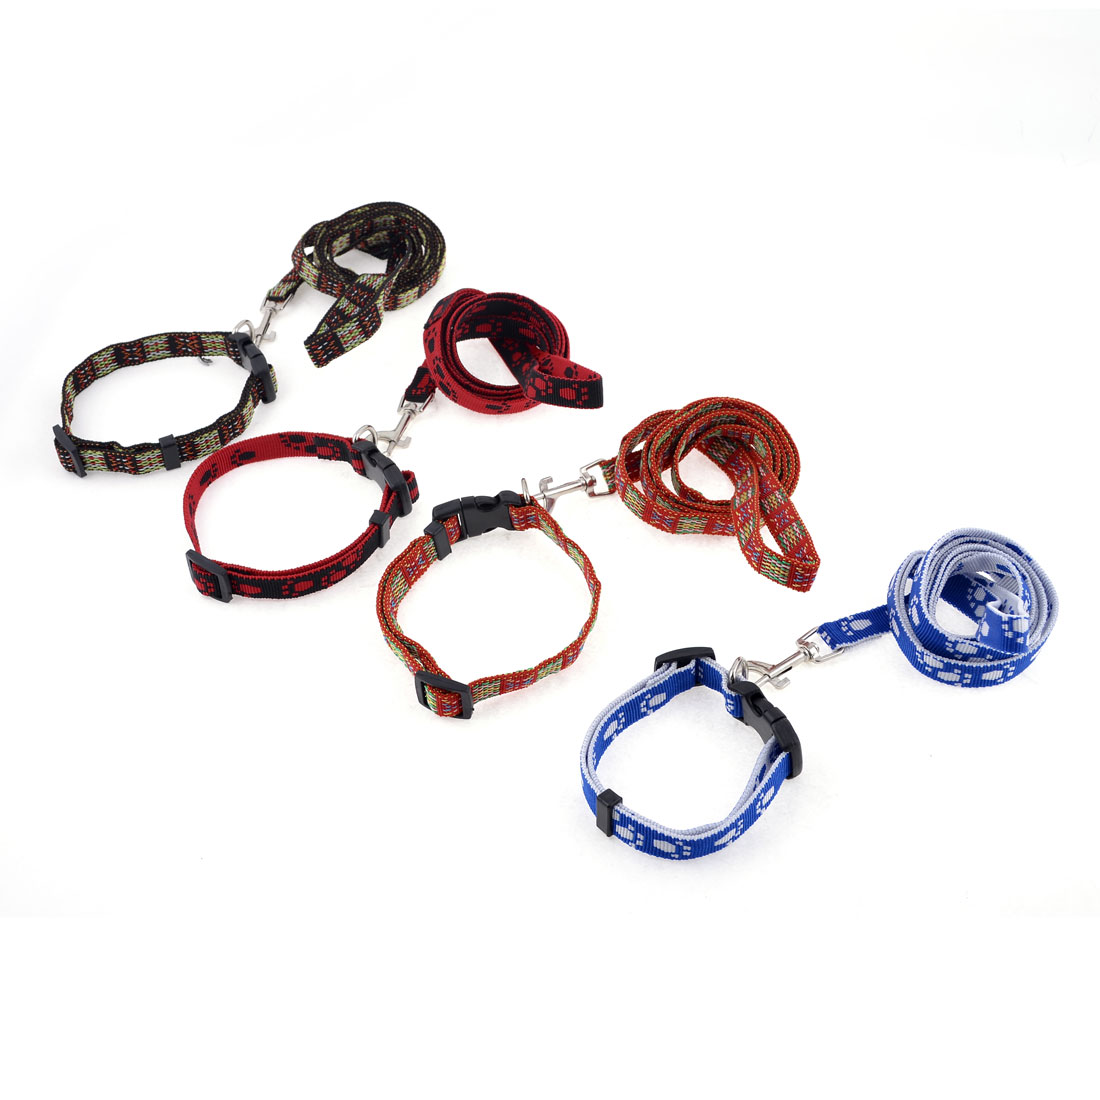 4 Pcs Multicolor Textured Flat Strap Pet Dog Leash 118cm Long w Metal Hook